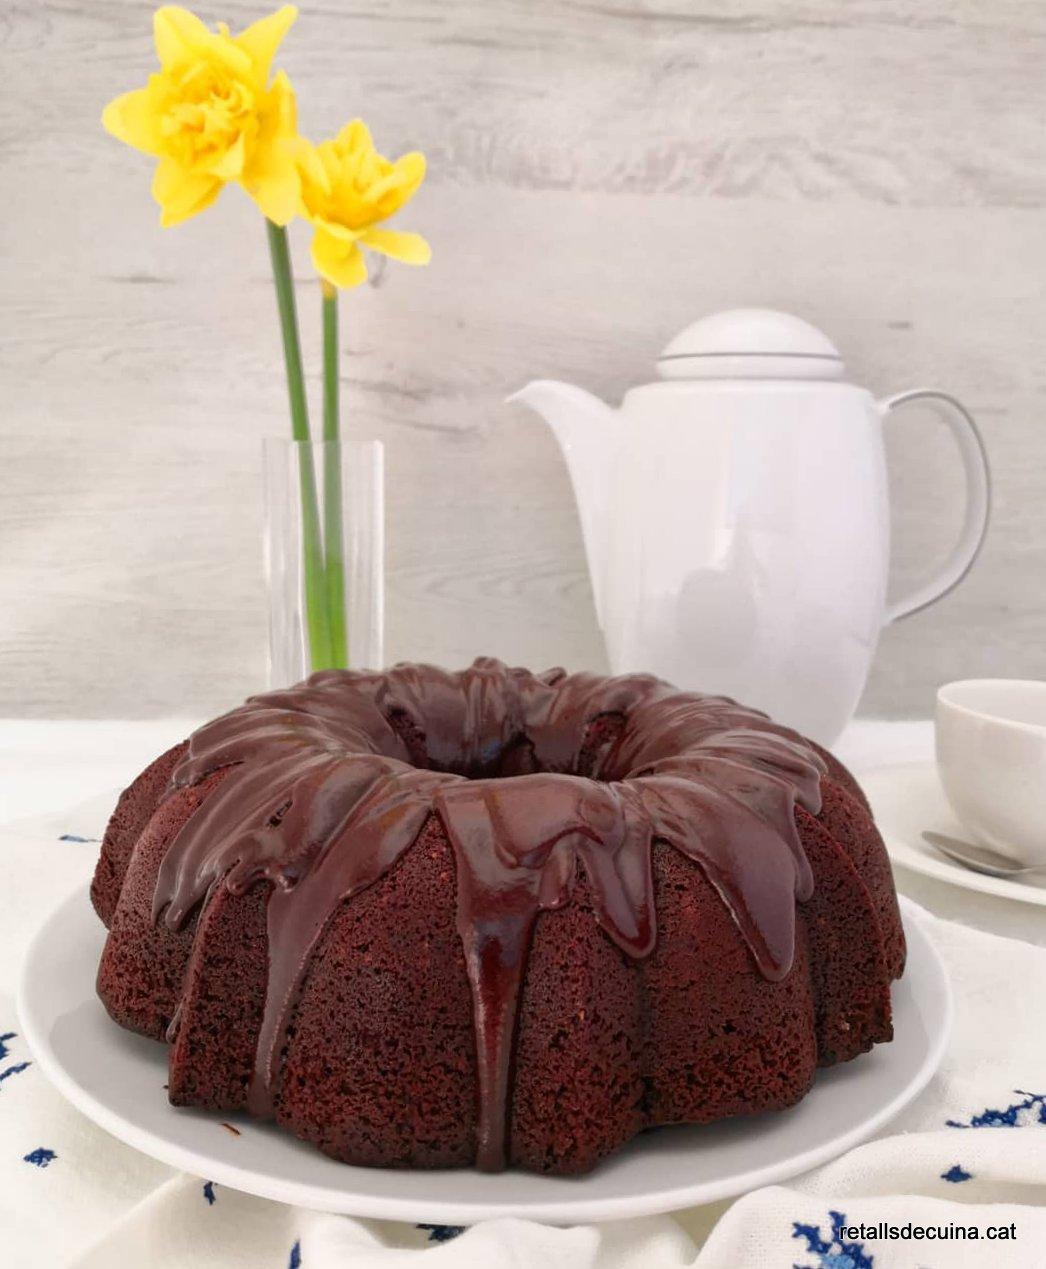 Bundtcake de xocolata i oli d'oliva